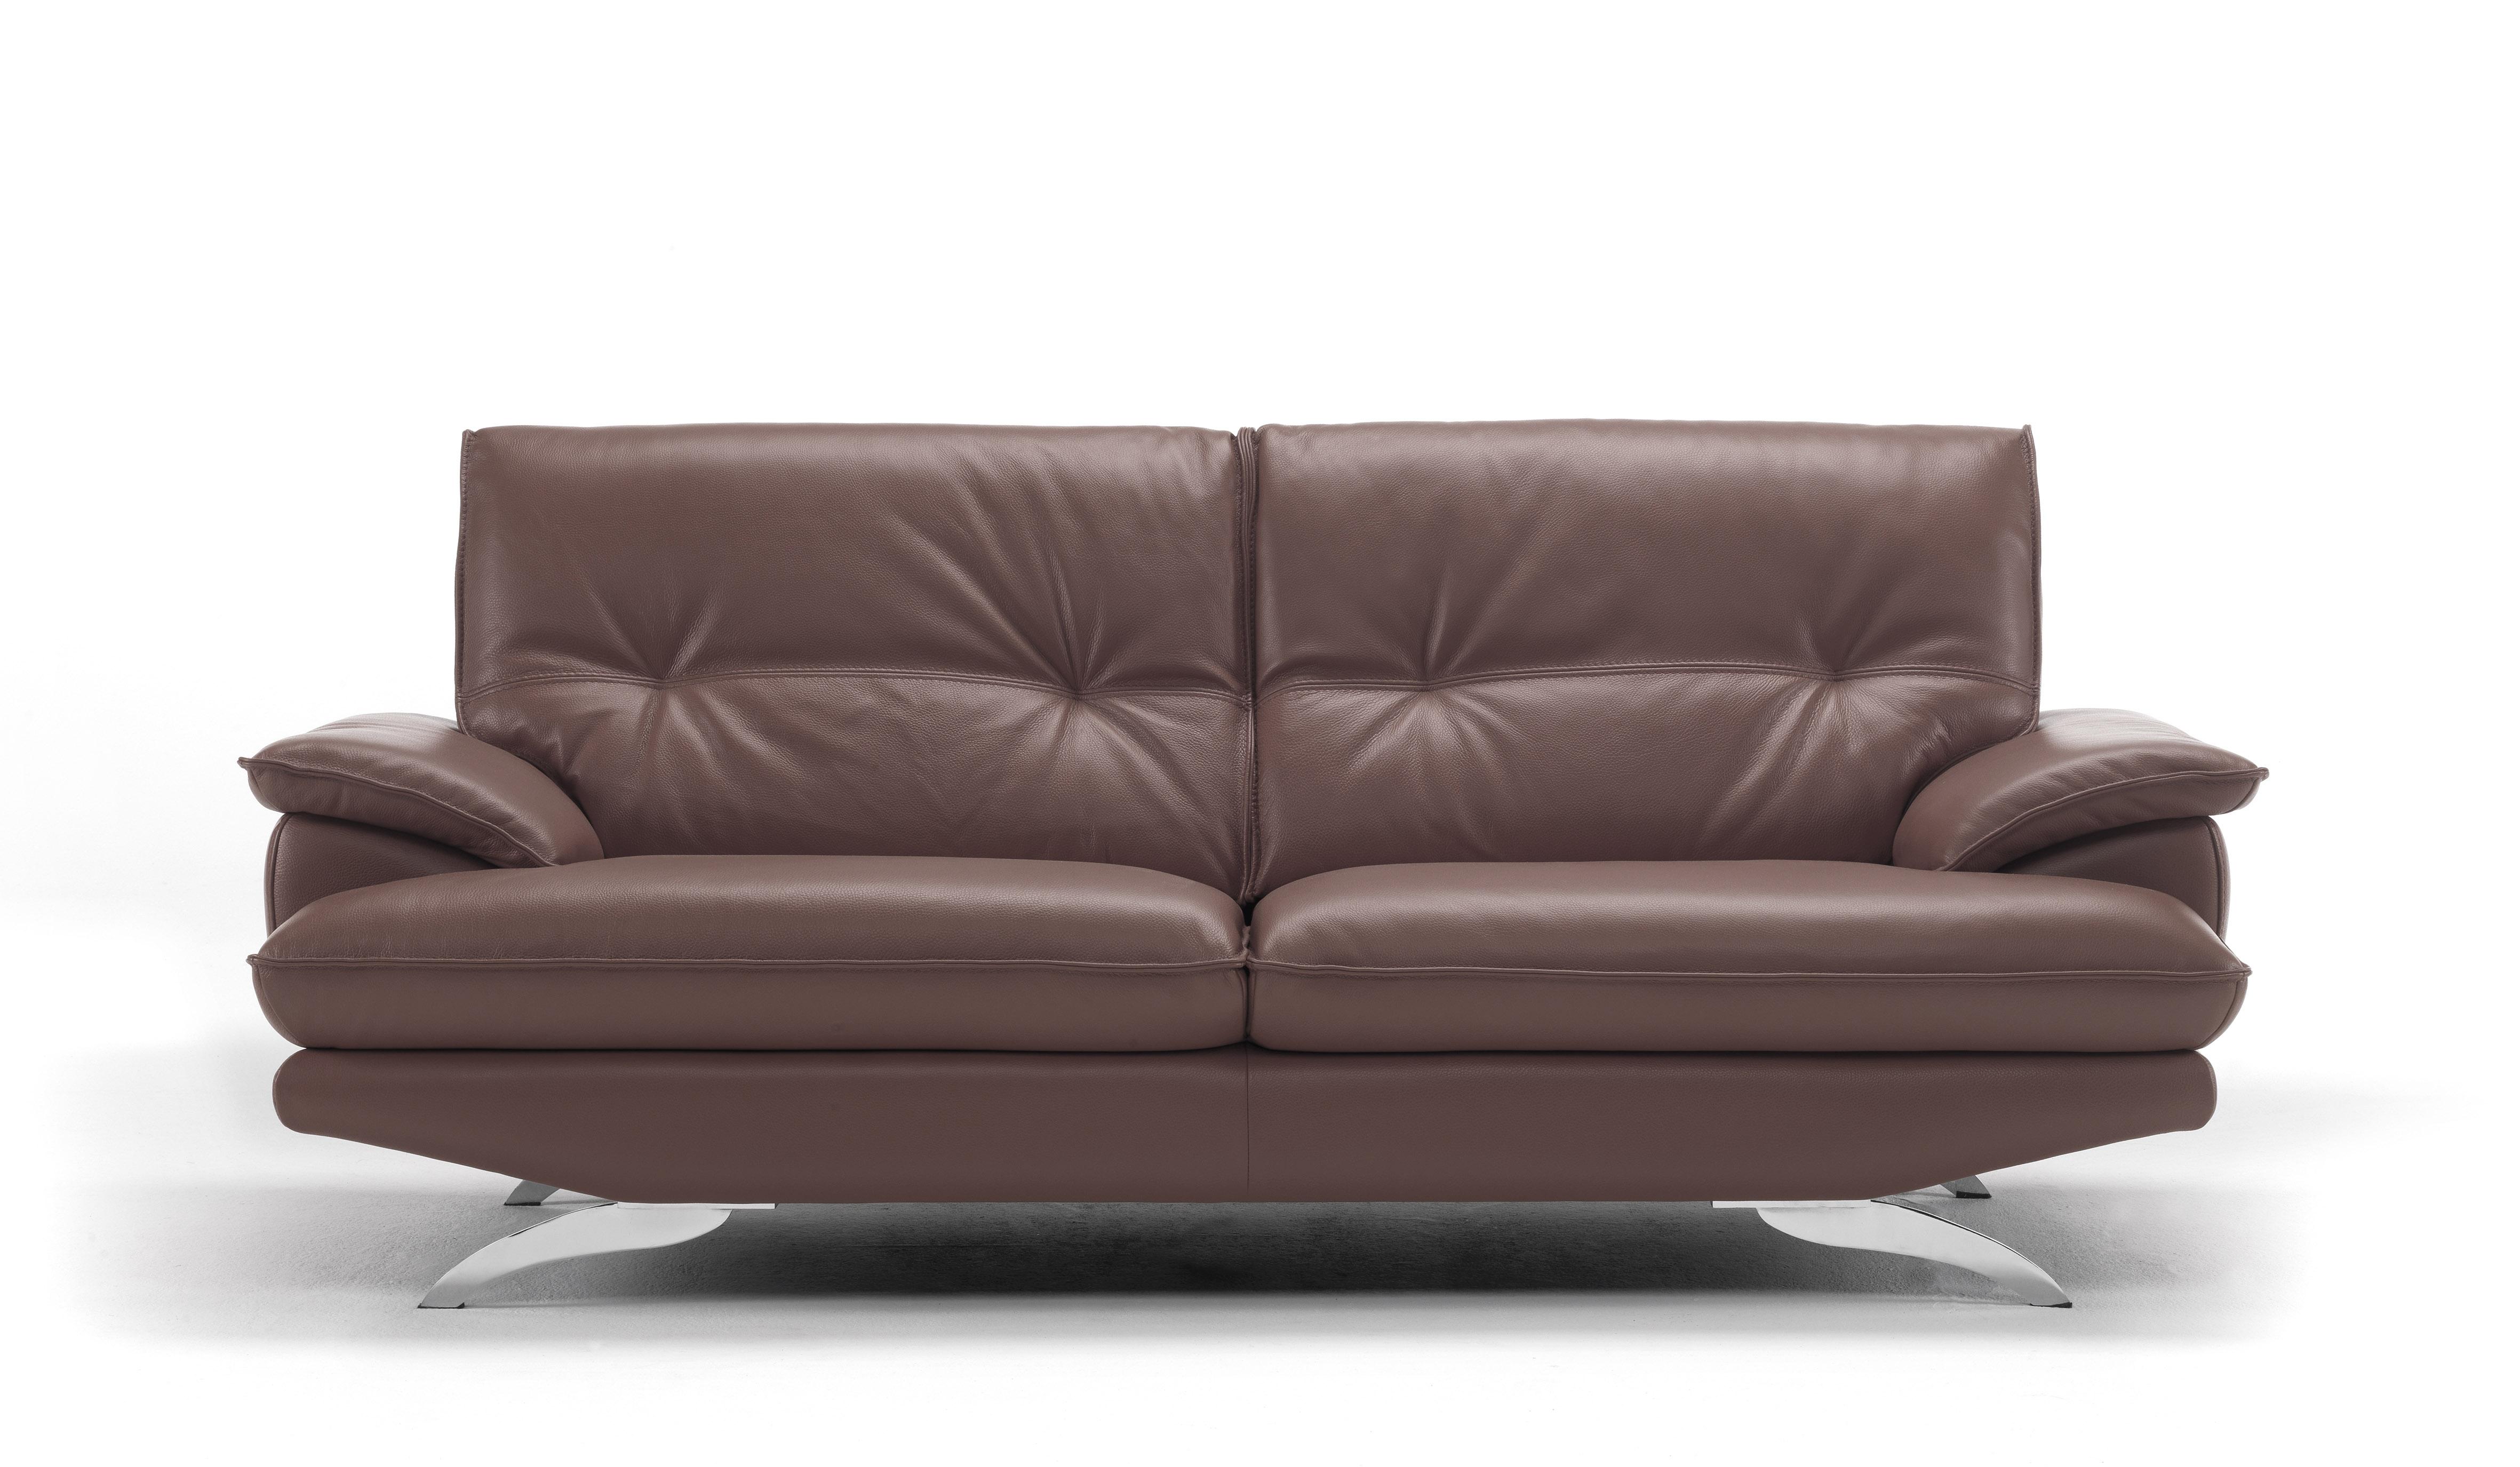 SKU 41099 Italian Leather Living Room